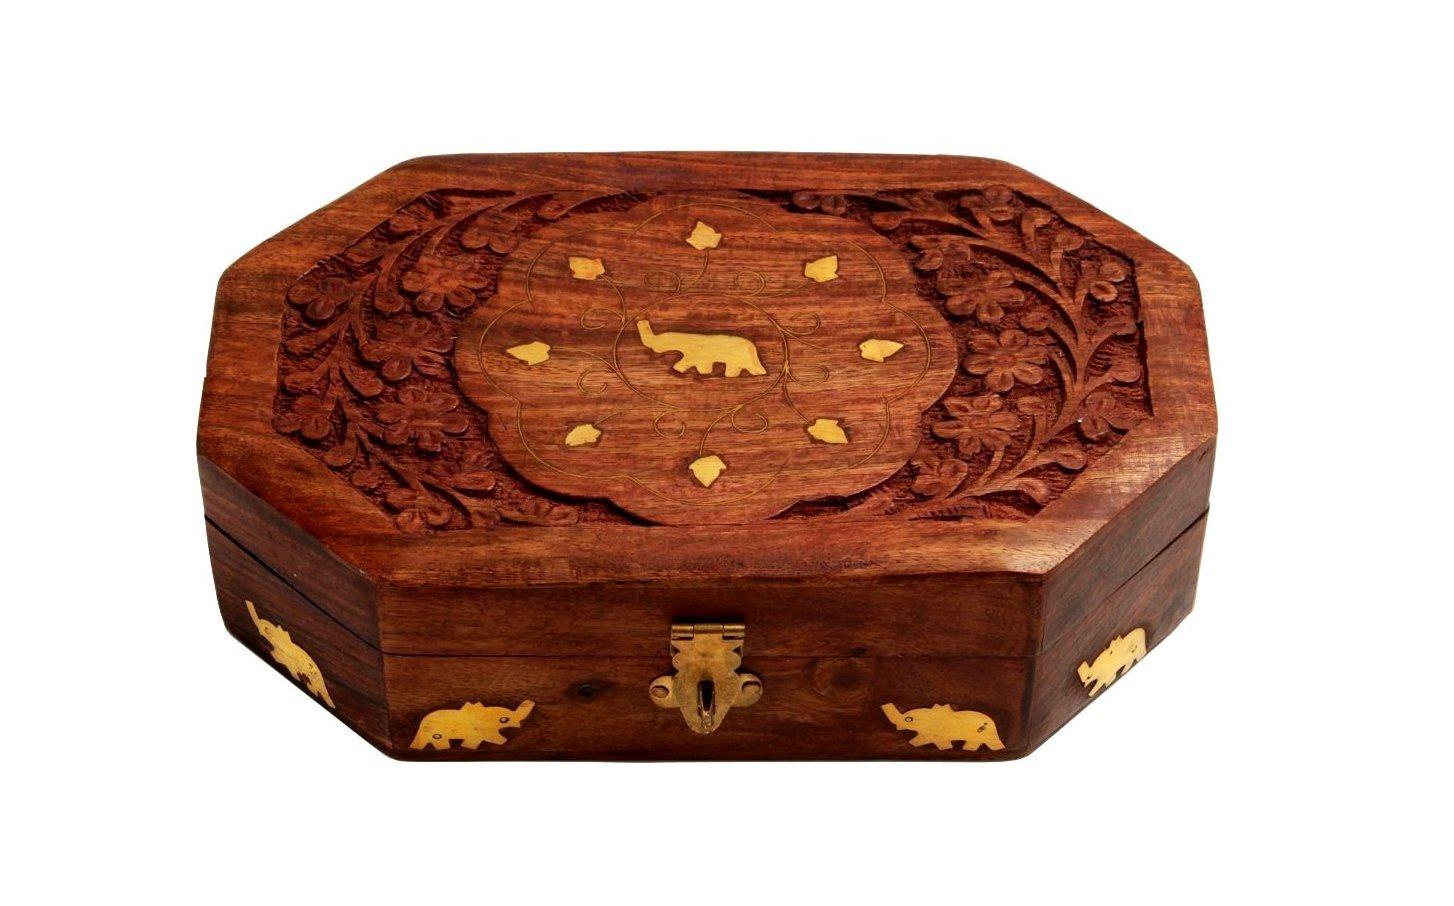 Handcrafted Wooden Jewelry Keepsake Trinket Box Home Decor Storage Box with Brass Elephant Inlays by storeindya (Image #3)